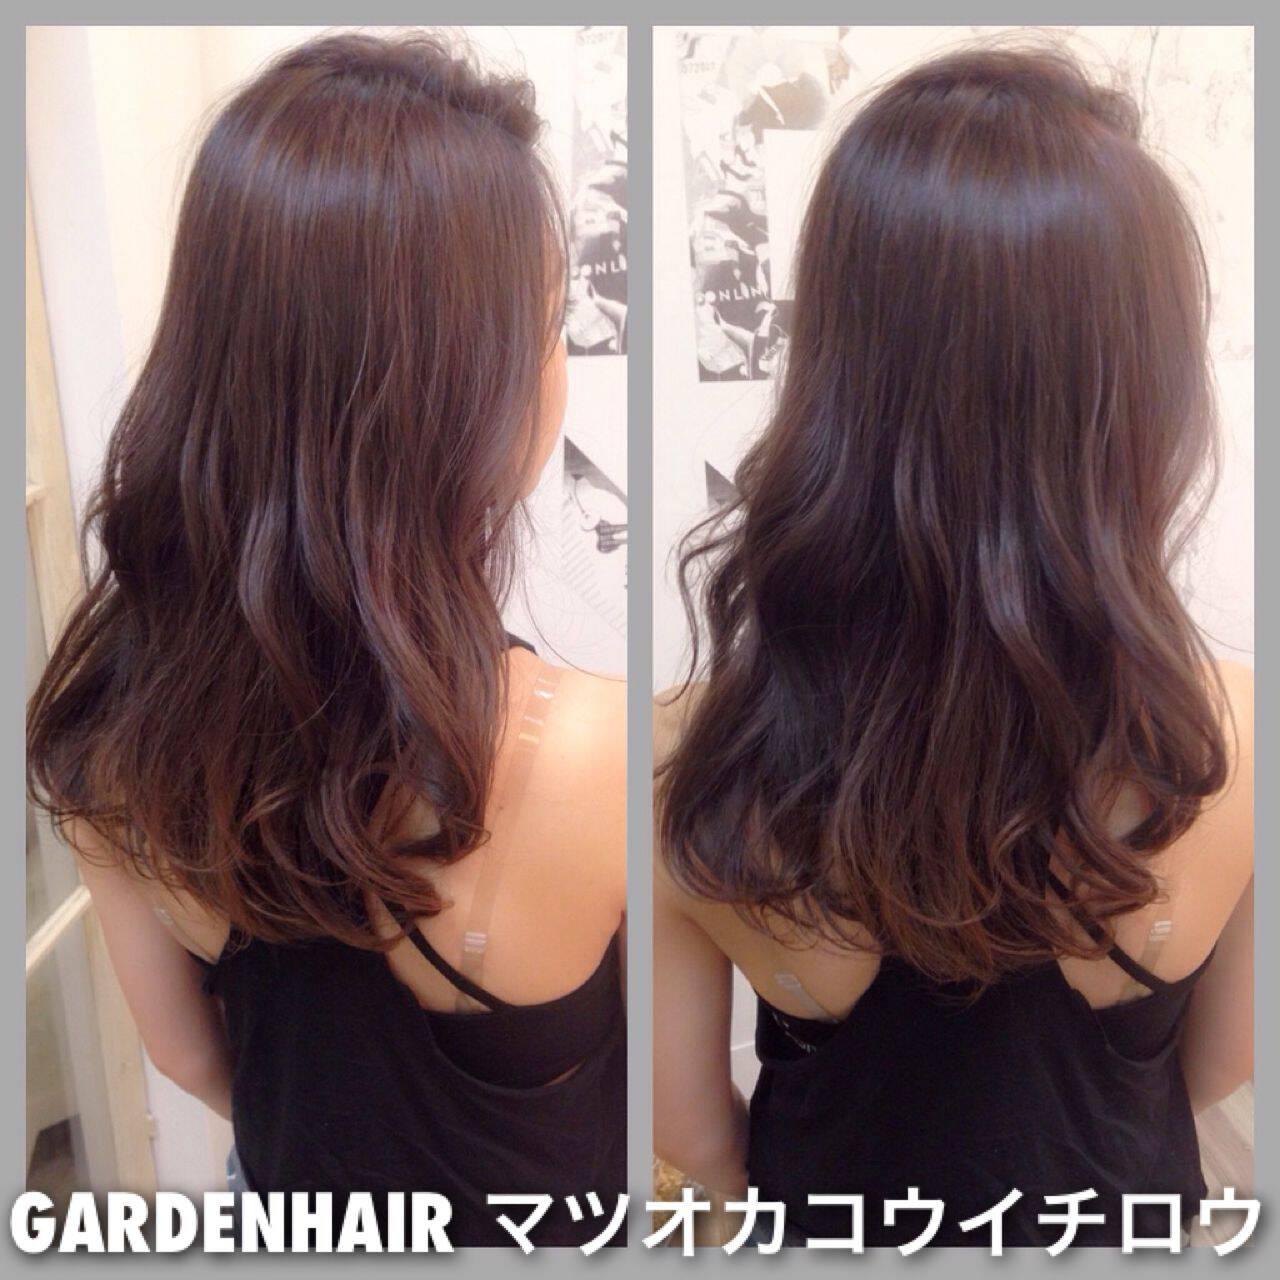 ロング ラベンダーアッシュ 外国人風カラー ラベンダーヘアスタイルや髪型の写真・画像